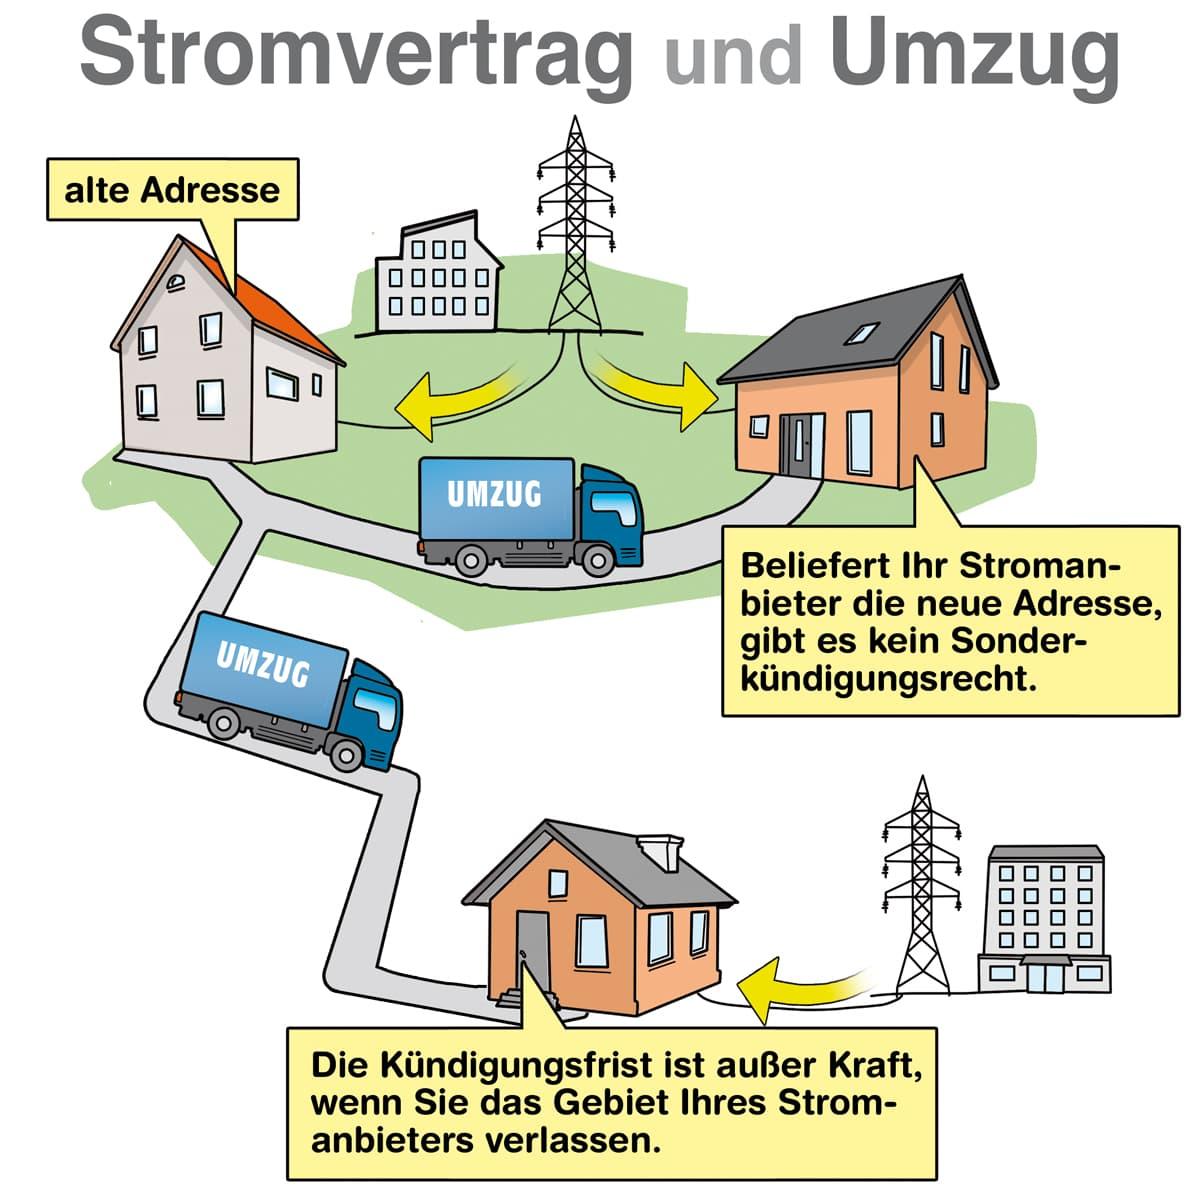 Stromvertrag und Umzug